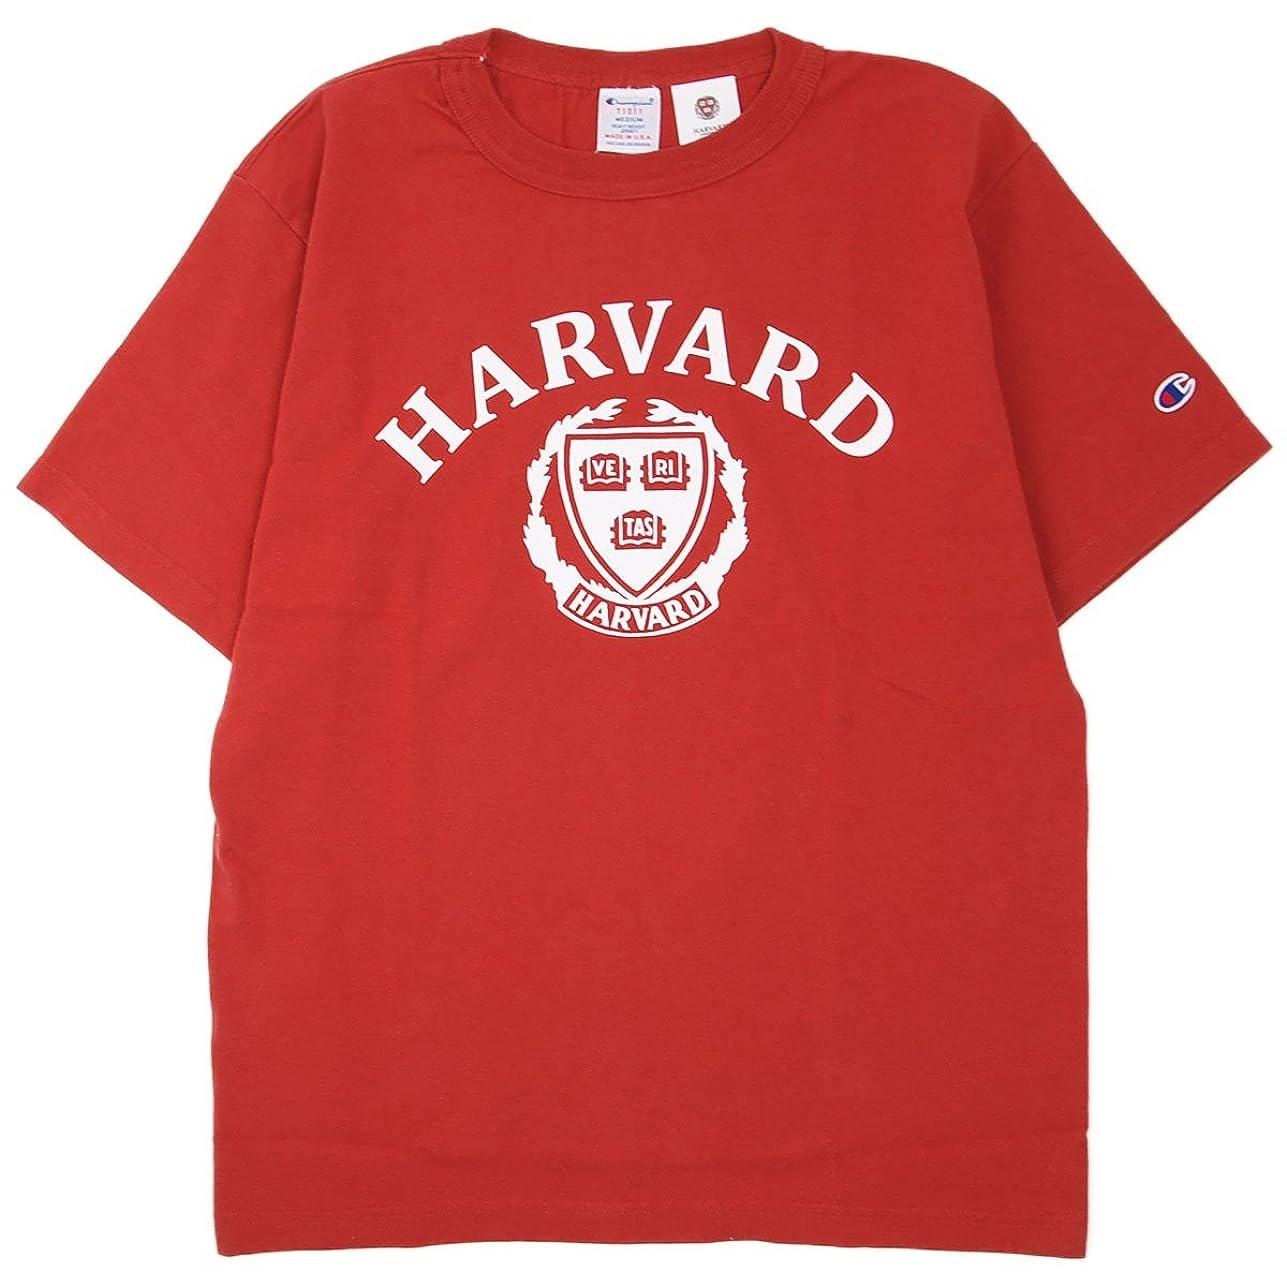 ホイッスル教類似性(チャンピオン) Champion Made in USA × ハーバード大学 T1011 US Tシャツ 米国製 国内正規品 マルーン C5-M302-970